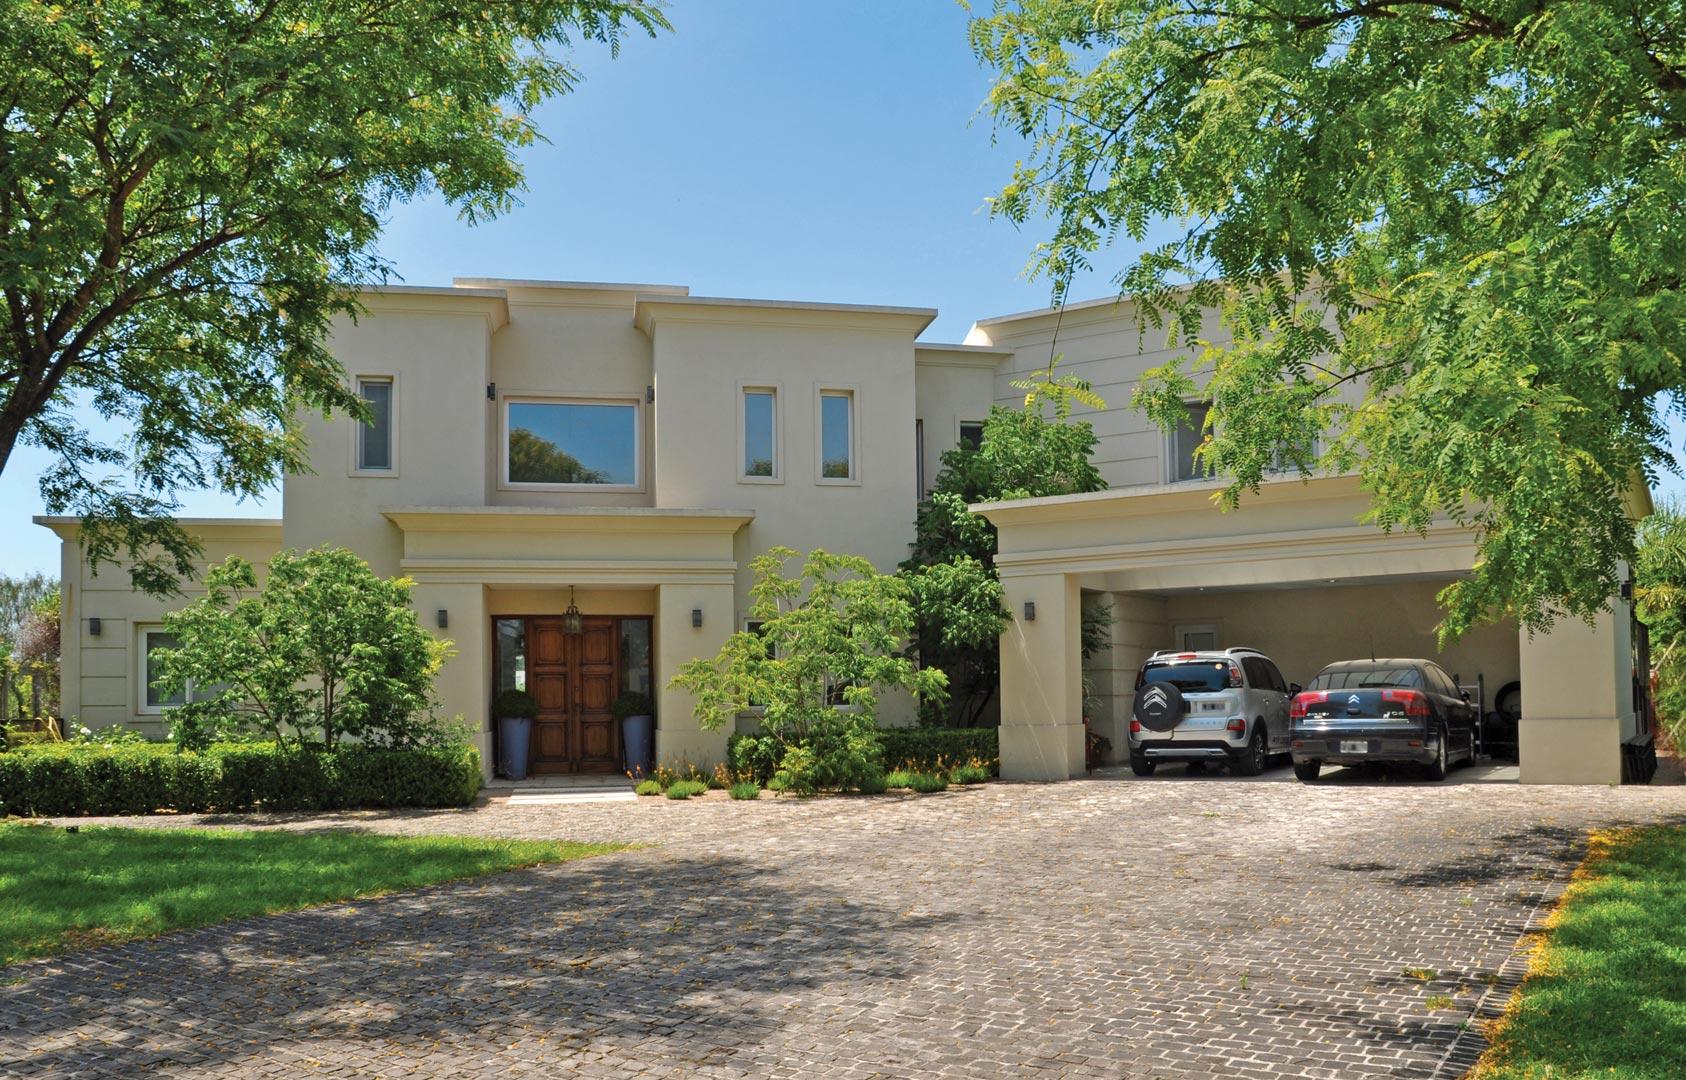 Estudio farina vazzano casa estilo cl sico moderno for Casas estilo clasico moderno